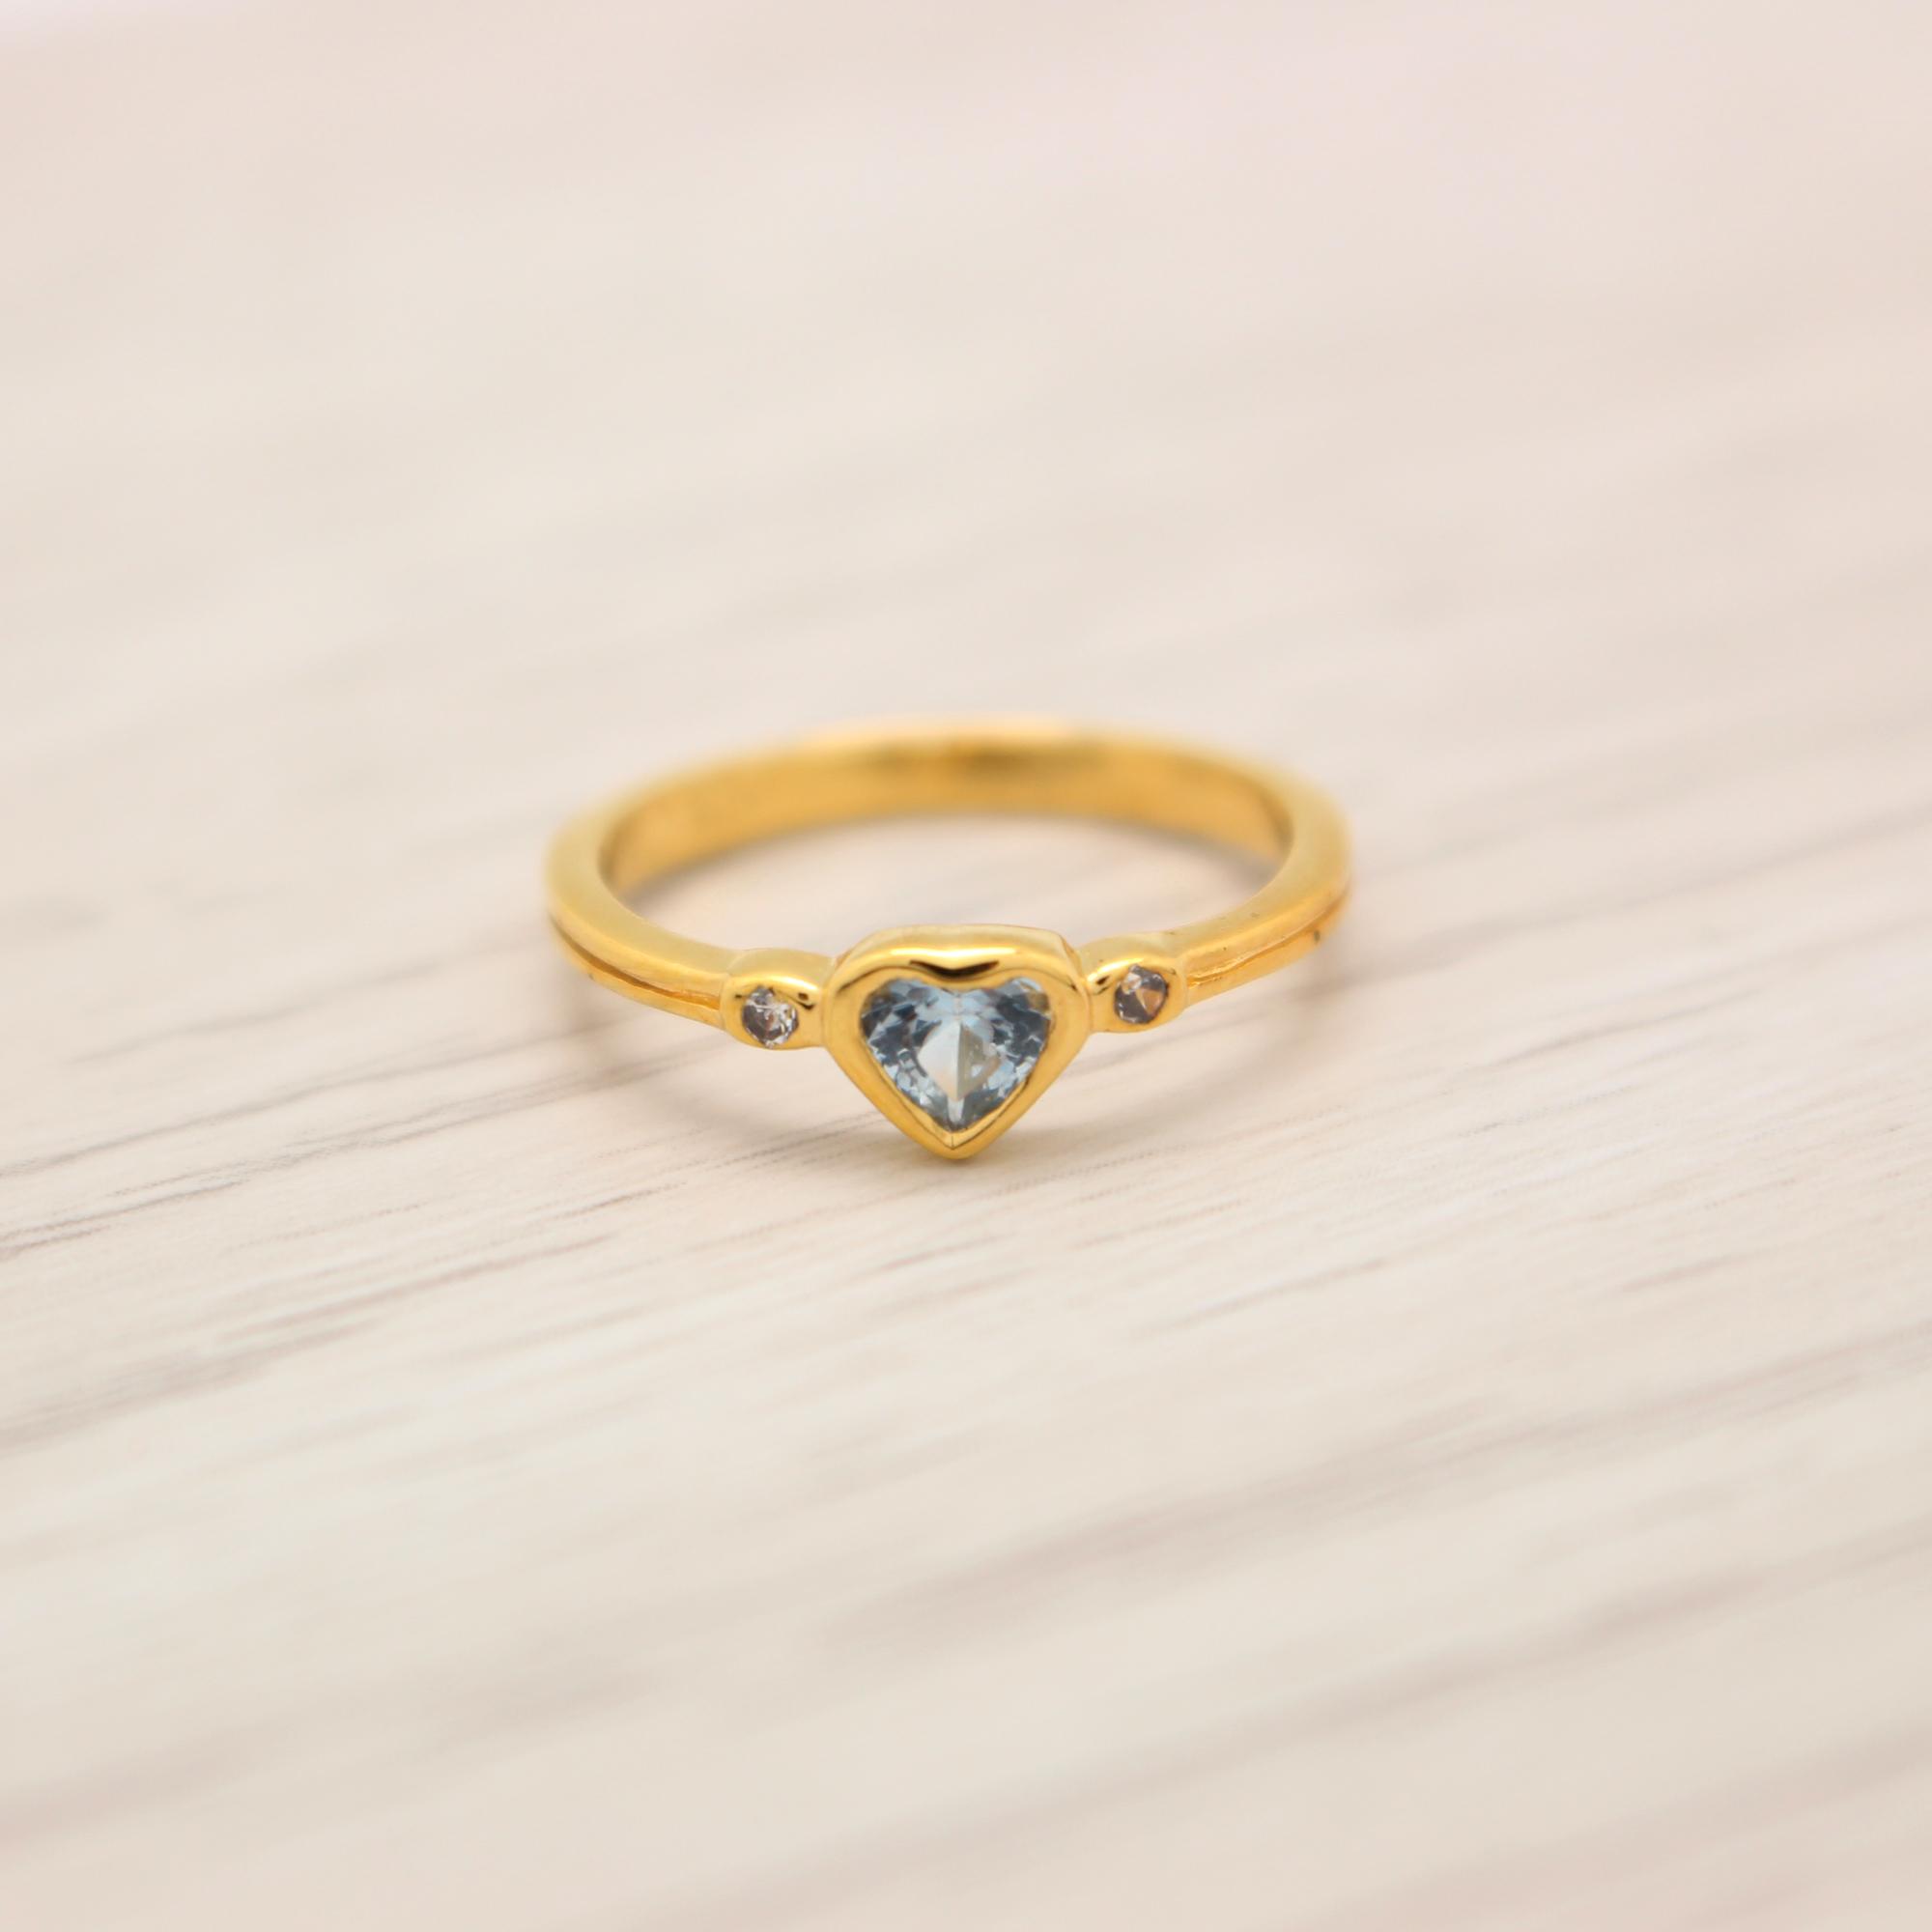 แหวนเพชรCZ สีฟ้า หุ้มทองคำแท้ ไซส์ 50